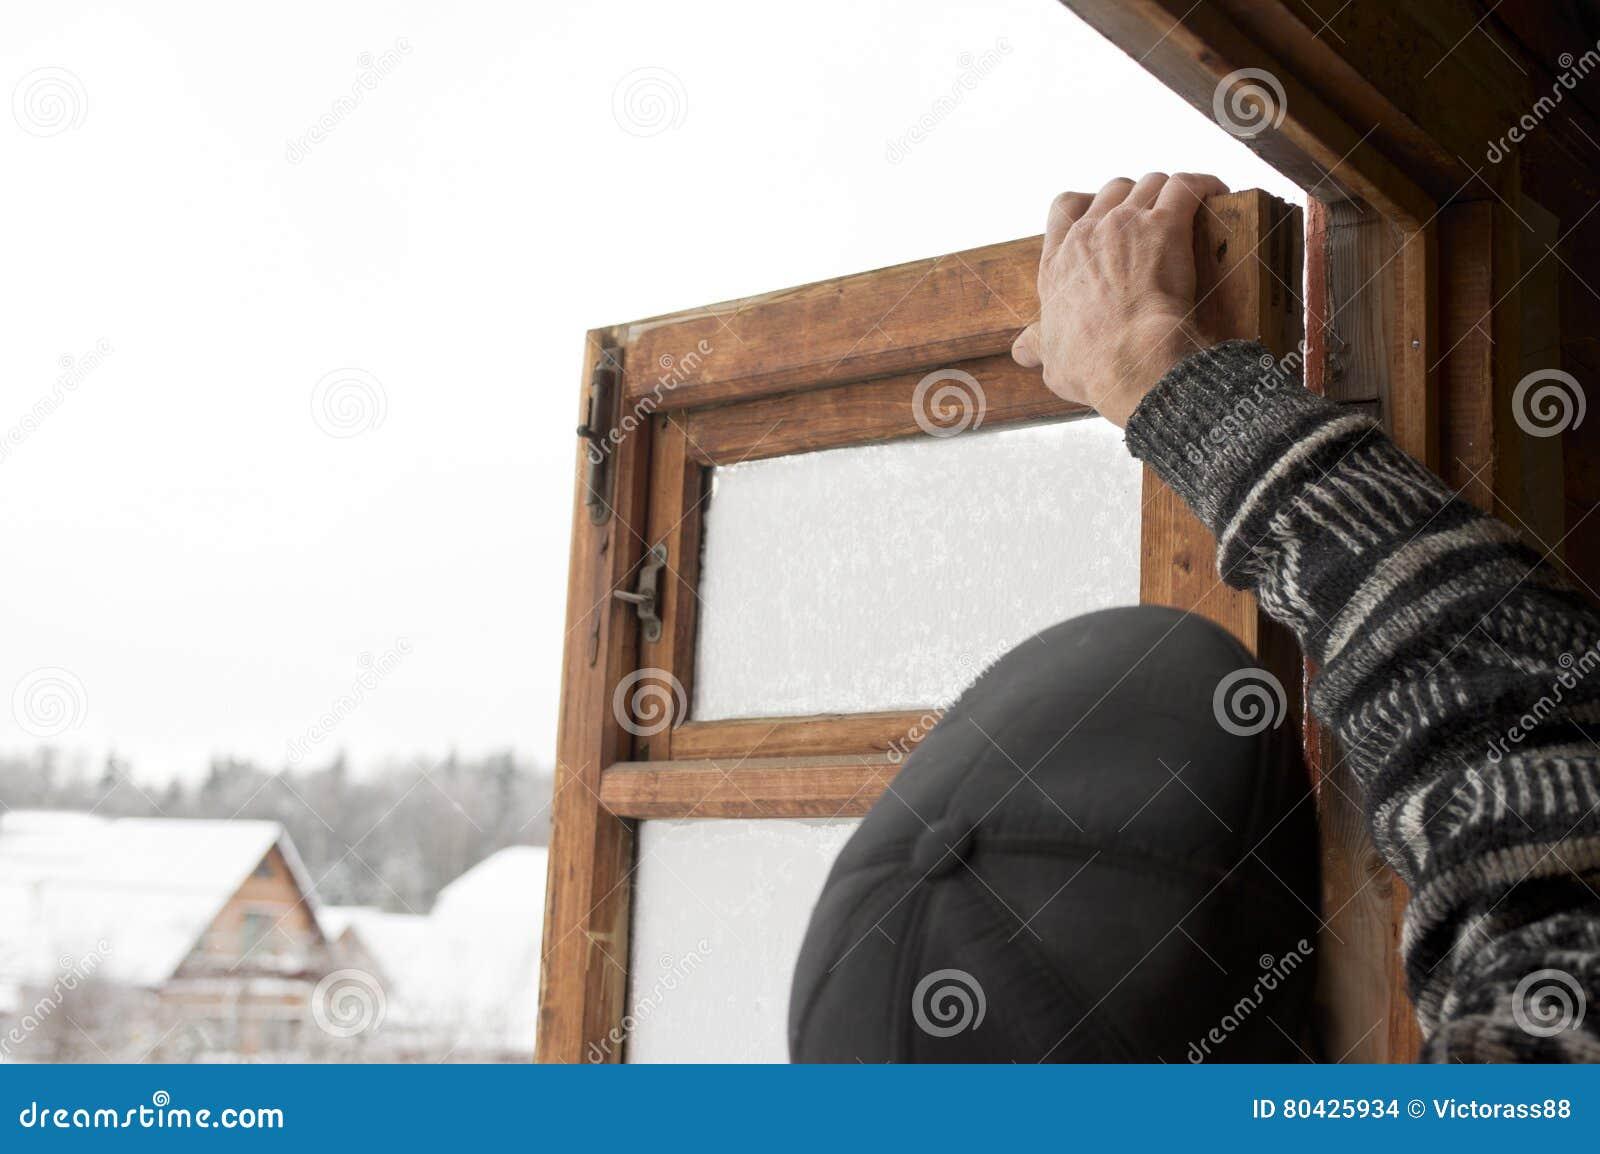 offenes fenster im winter stockfoto bild von arbeiter 80425934. Black Bedroom Furniture Sets. Home Design Ideas